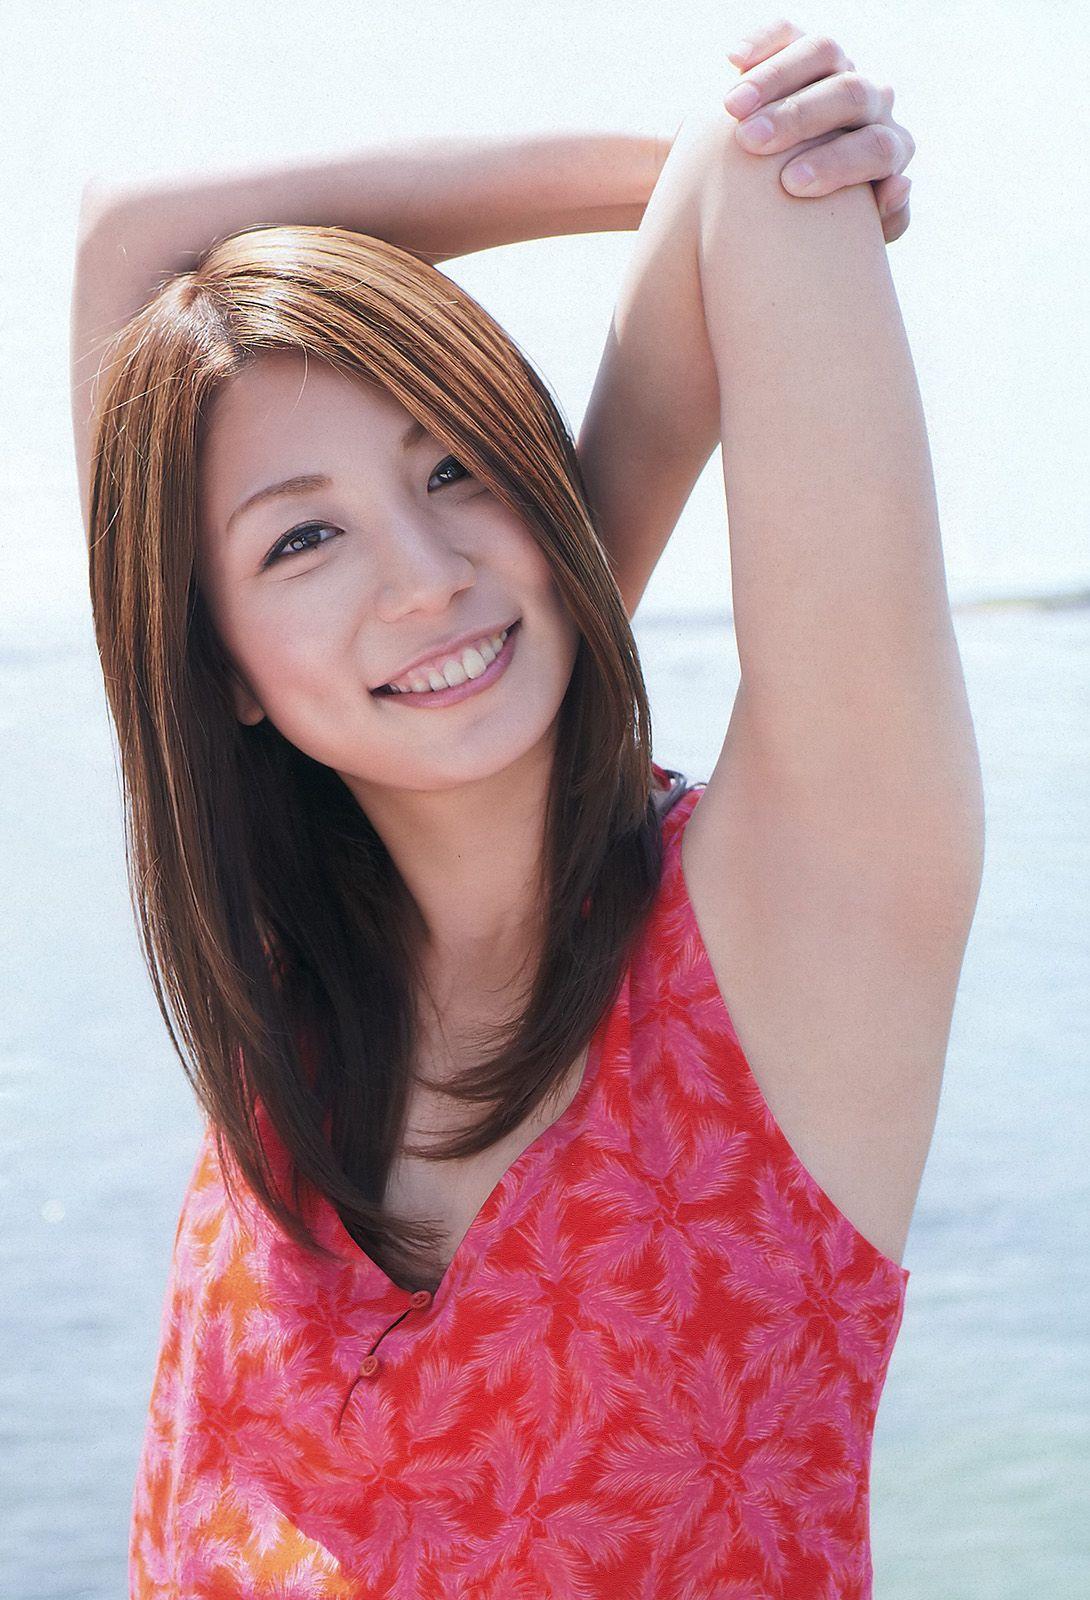 青木愛 (シンクロ選手)の画像 p1_26